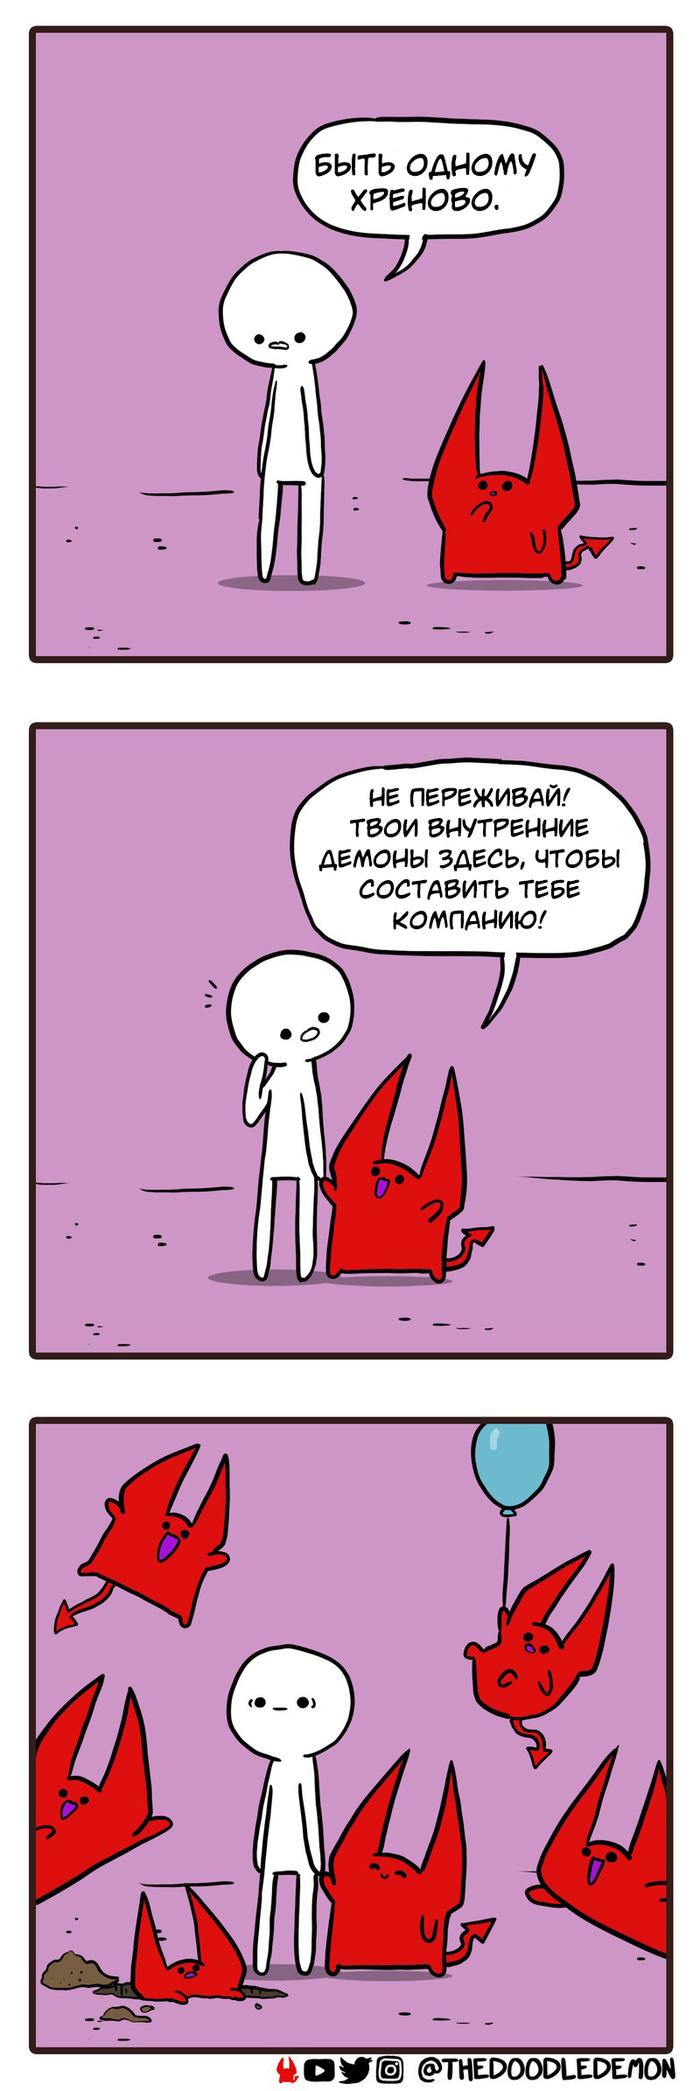 Ты не одинок Thedoodledemon, Комиксы, Перевел сам, Демон, Одиночество, Видео, Длиннопост